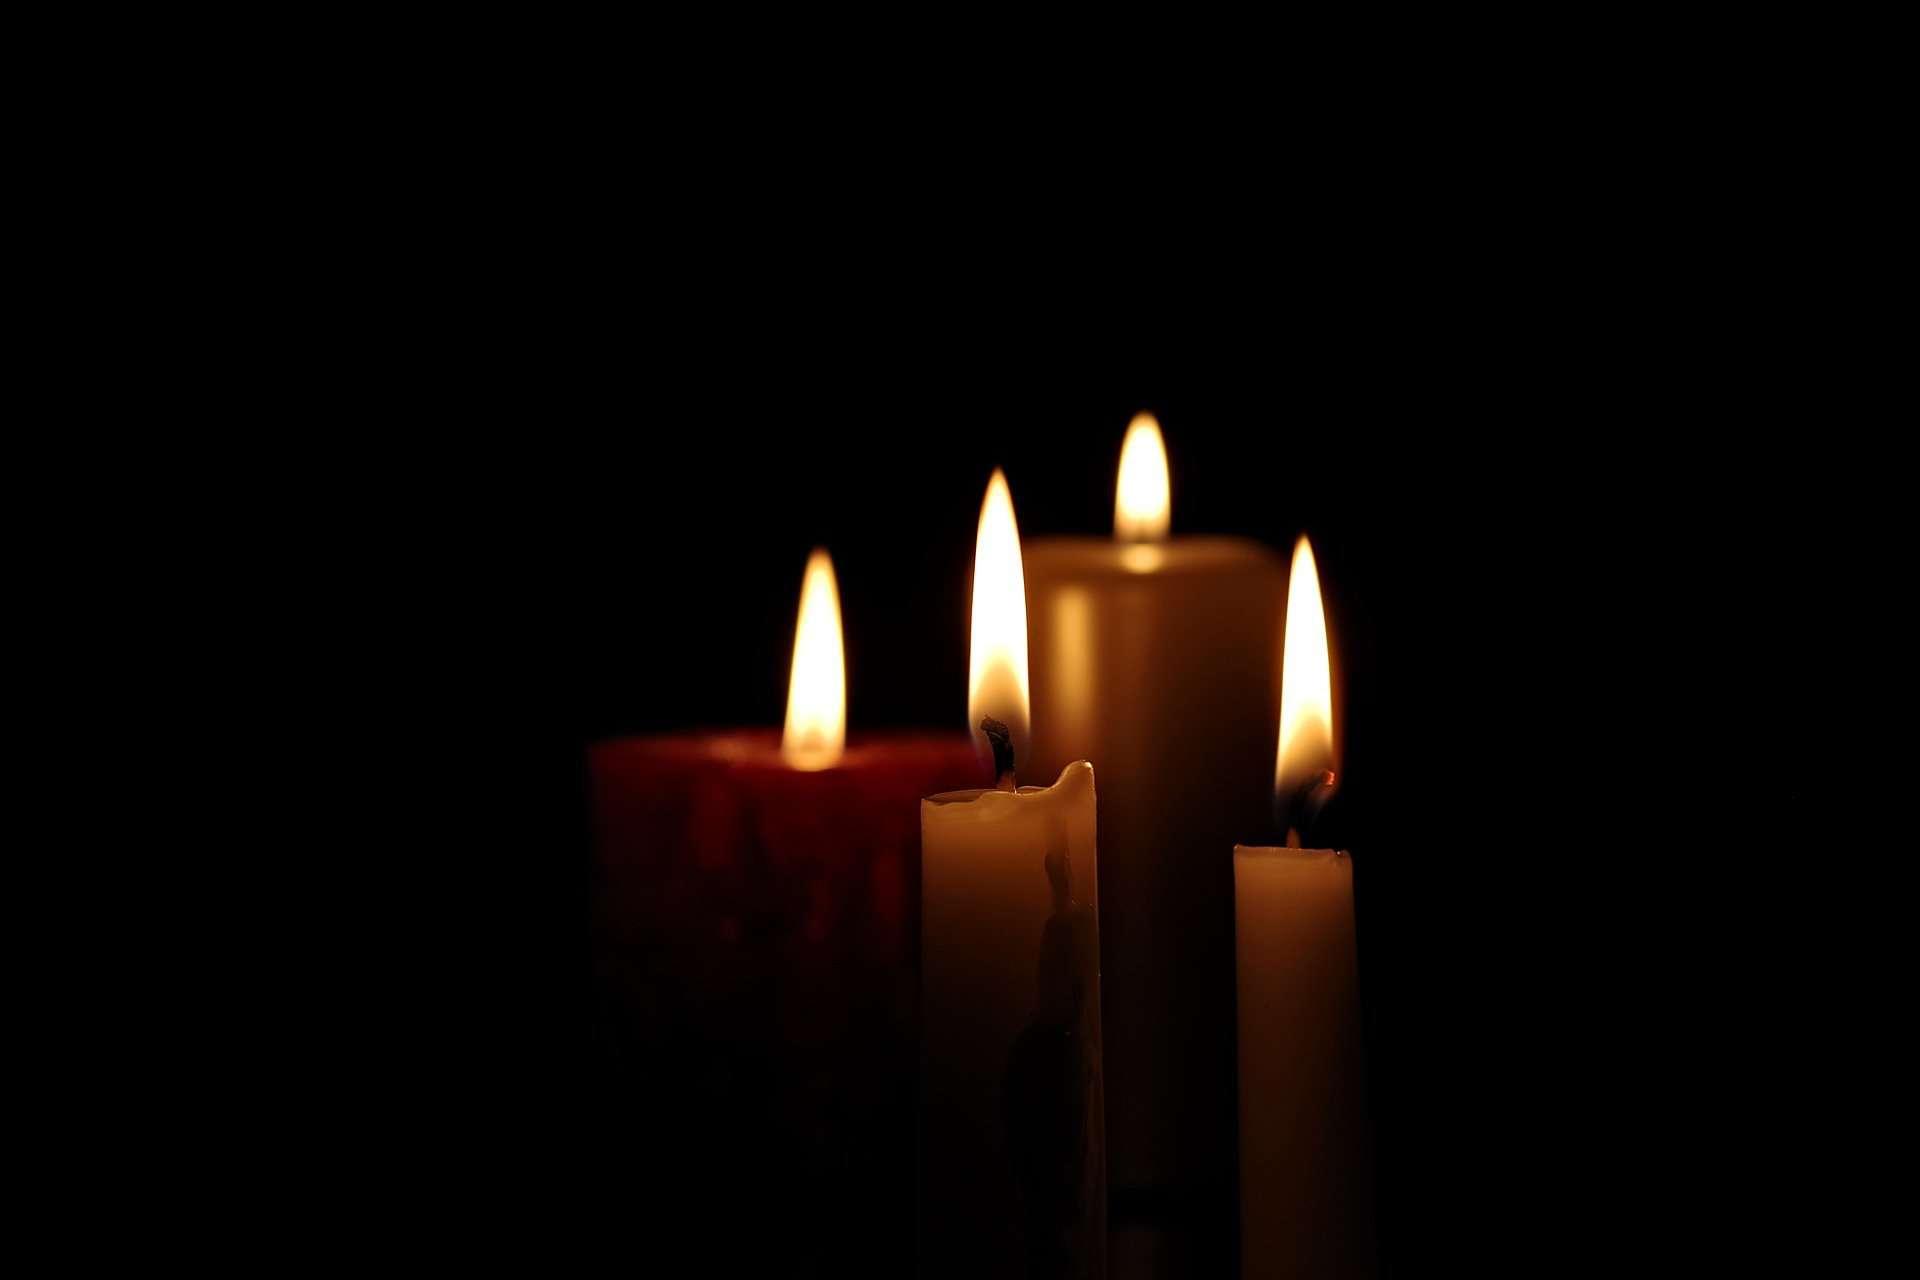 Świece zapalane nacmentarzu - pogotowie pogrzebowe